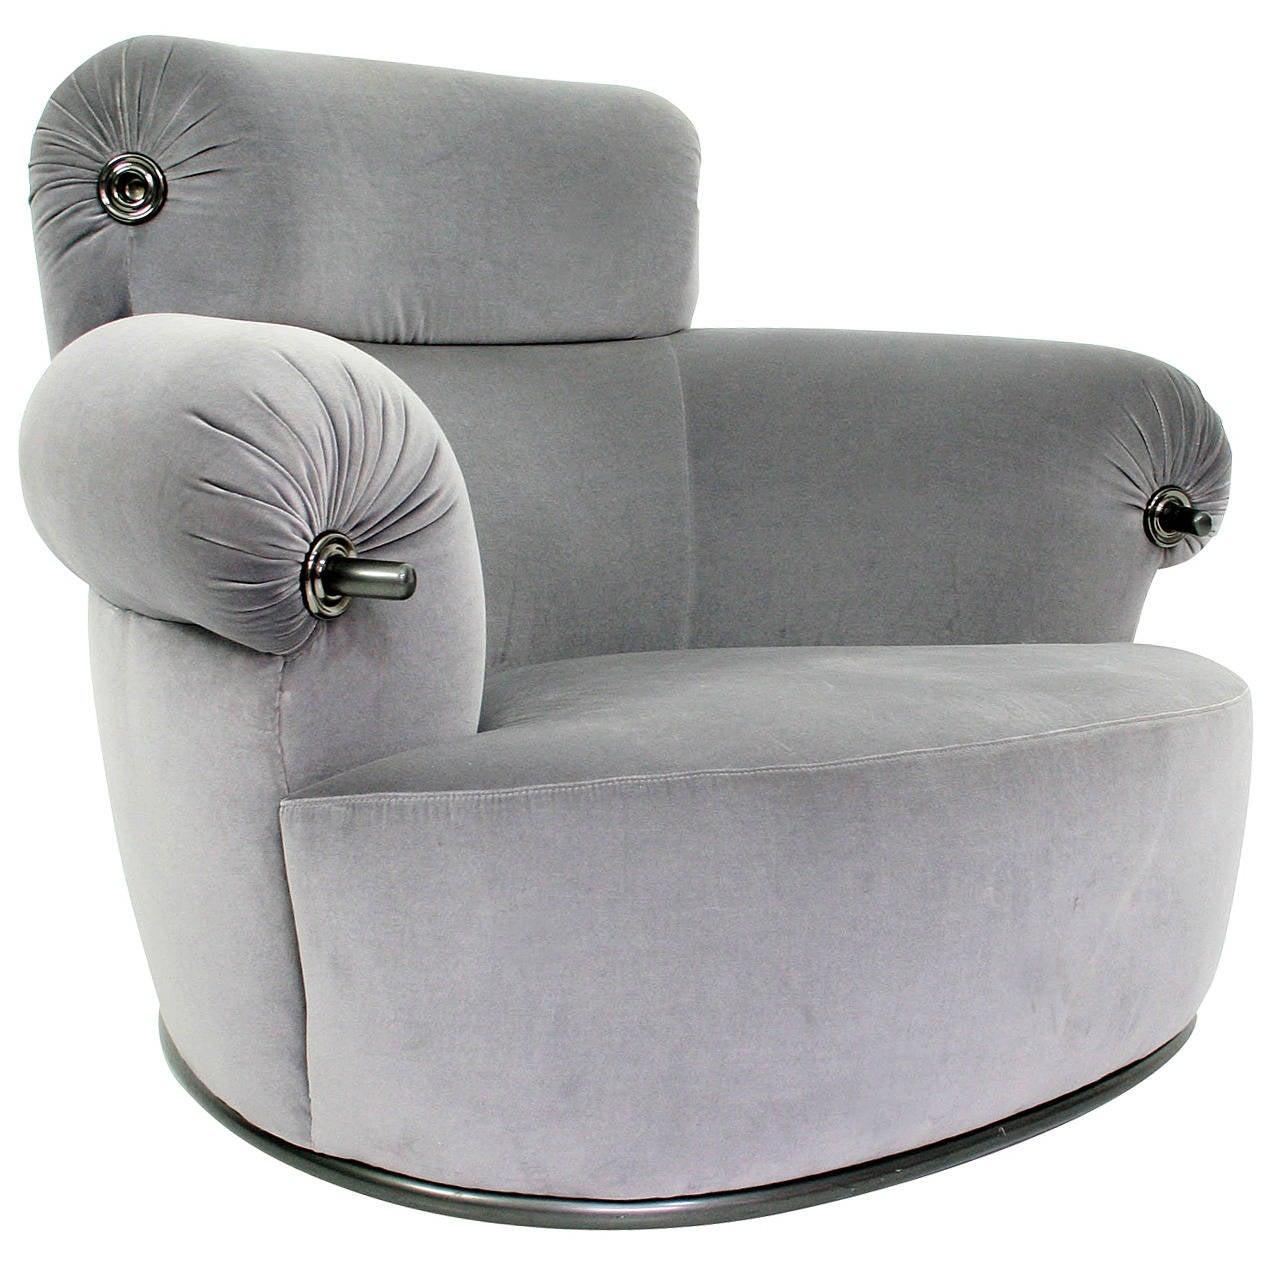 Luigi Caccia Dominioni Azucena Toro Lounge Chair, 1973 For Sale